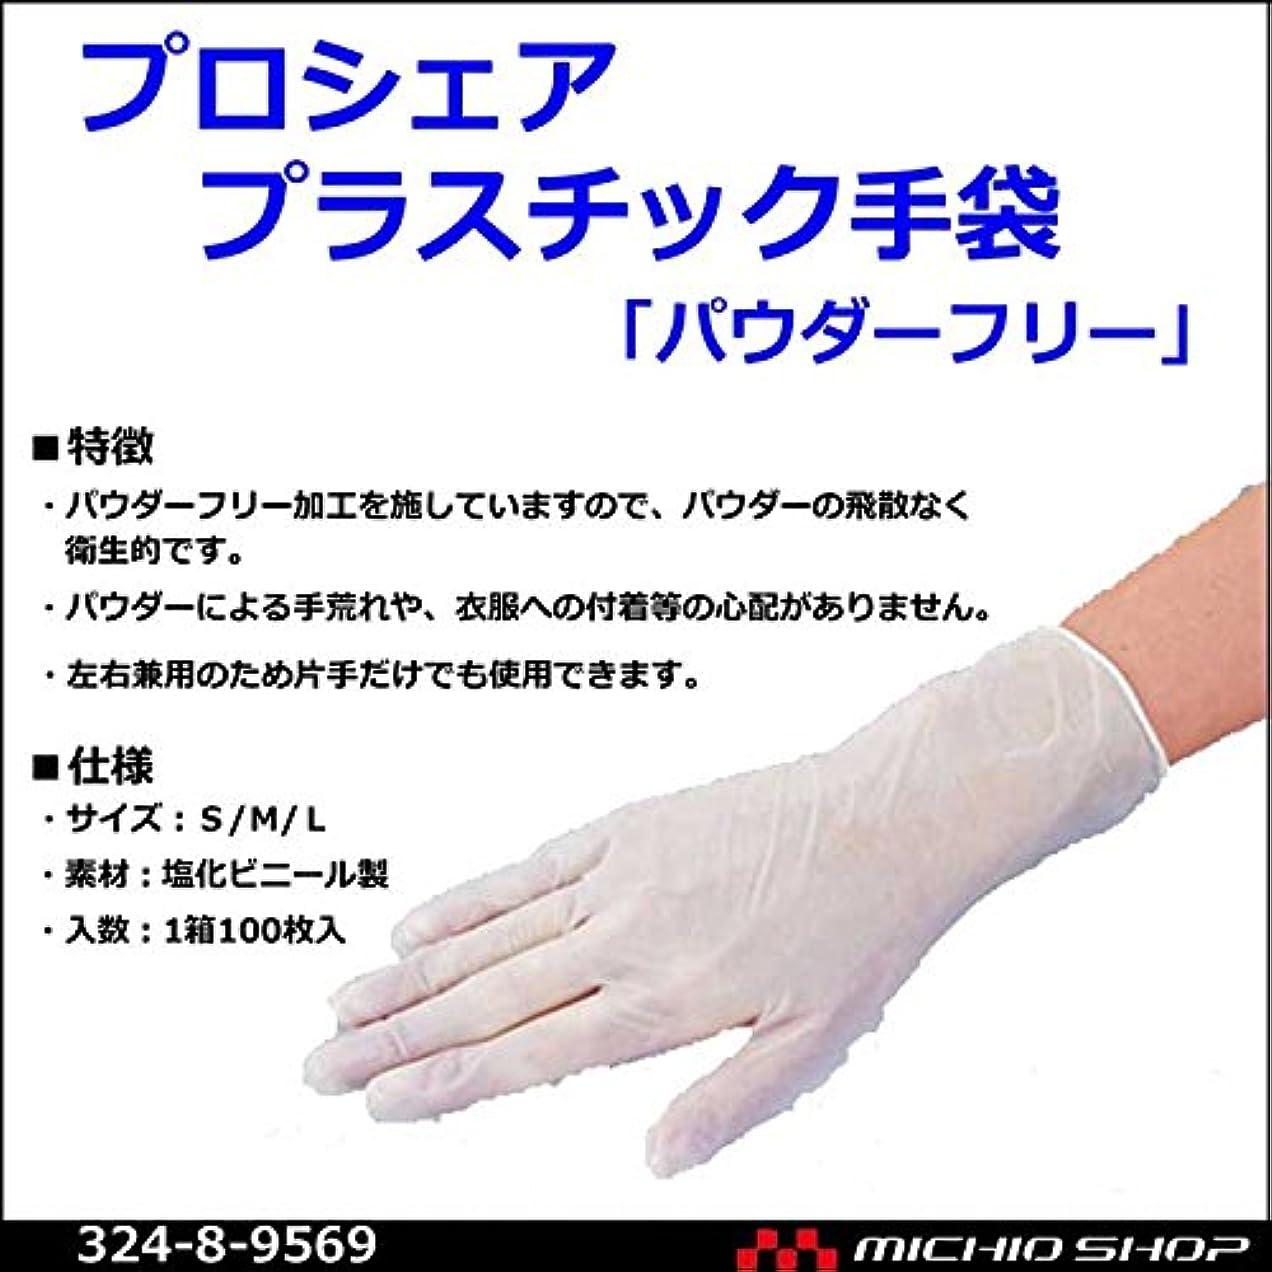 やむを得ないフィットネスインデックスアズワン プロシェアプラスチック手袋 100枚入 8-9569 04 SS